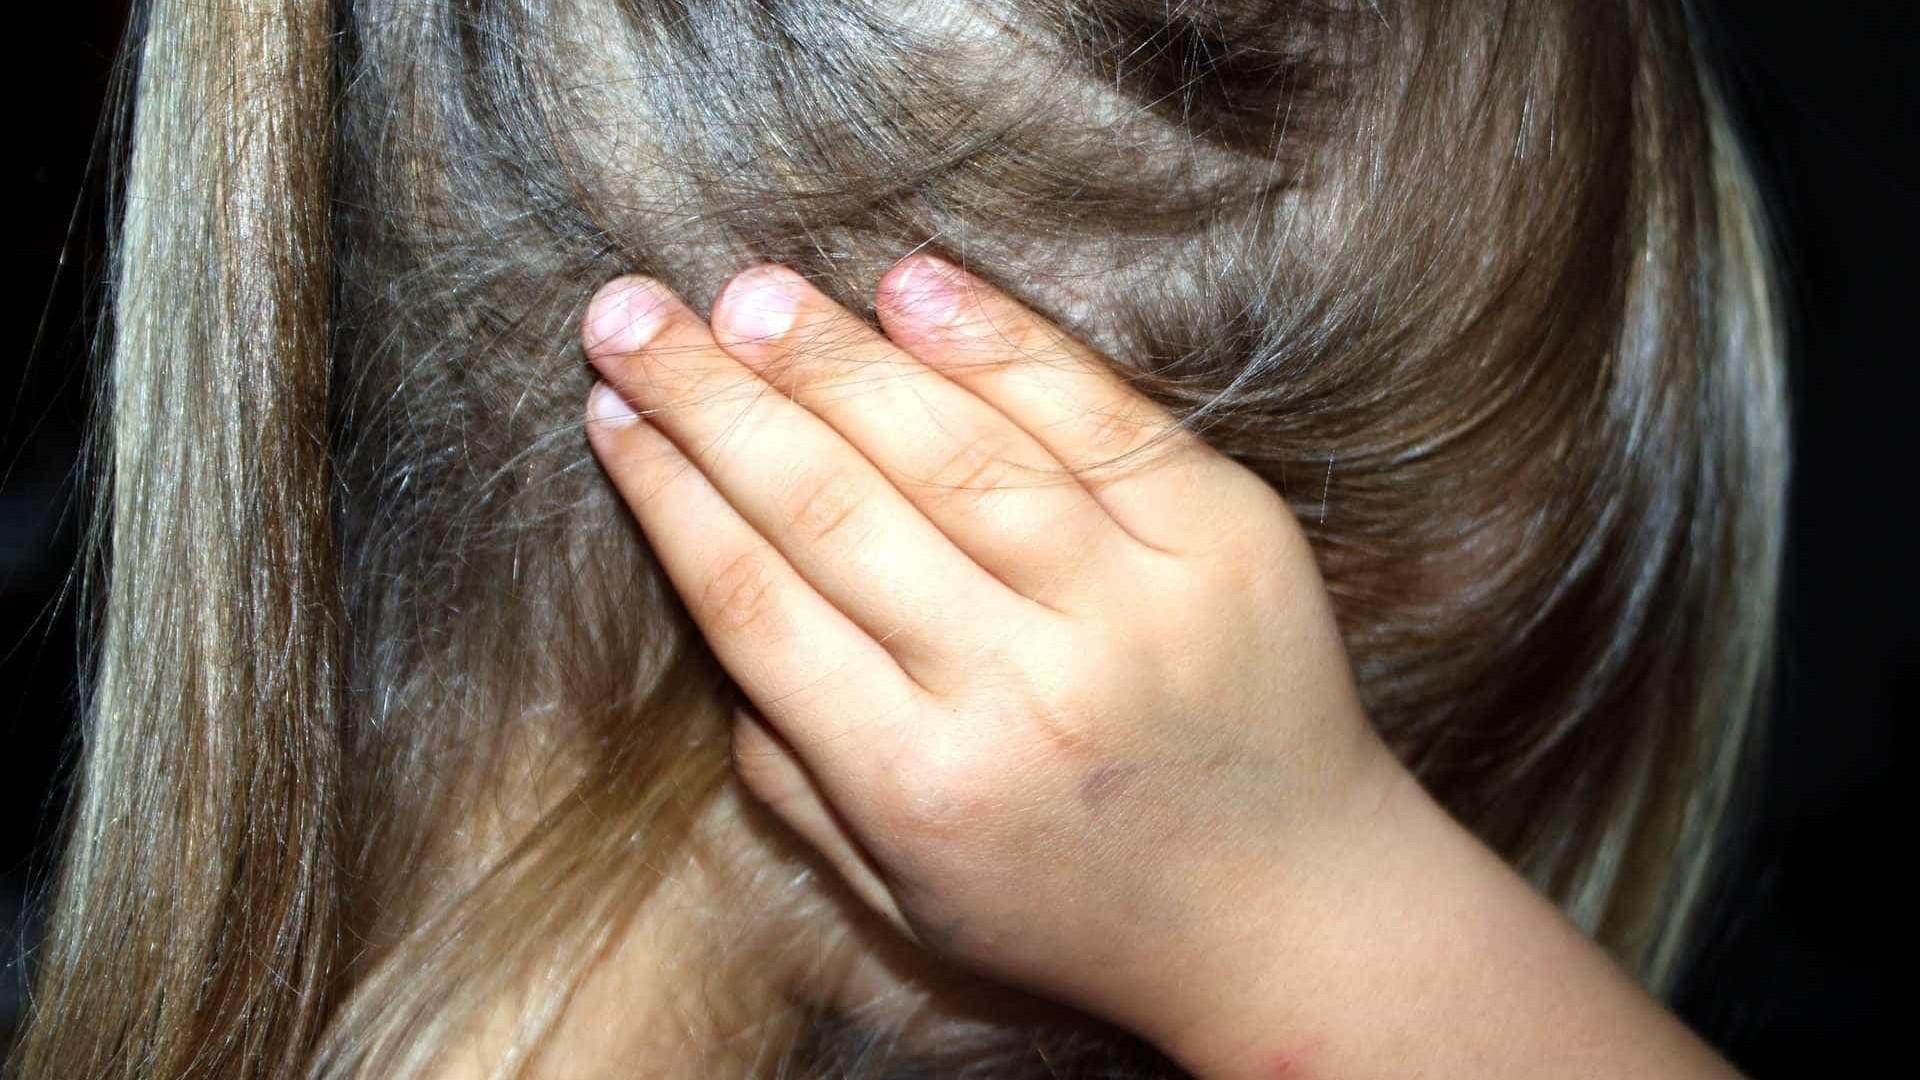 Brasil: 67% das crianças não se sentem protegidas contra maus-tratos